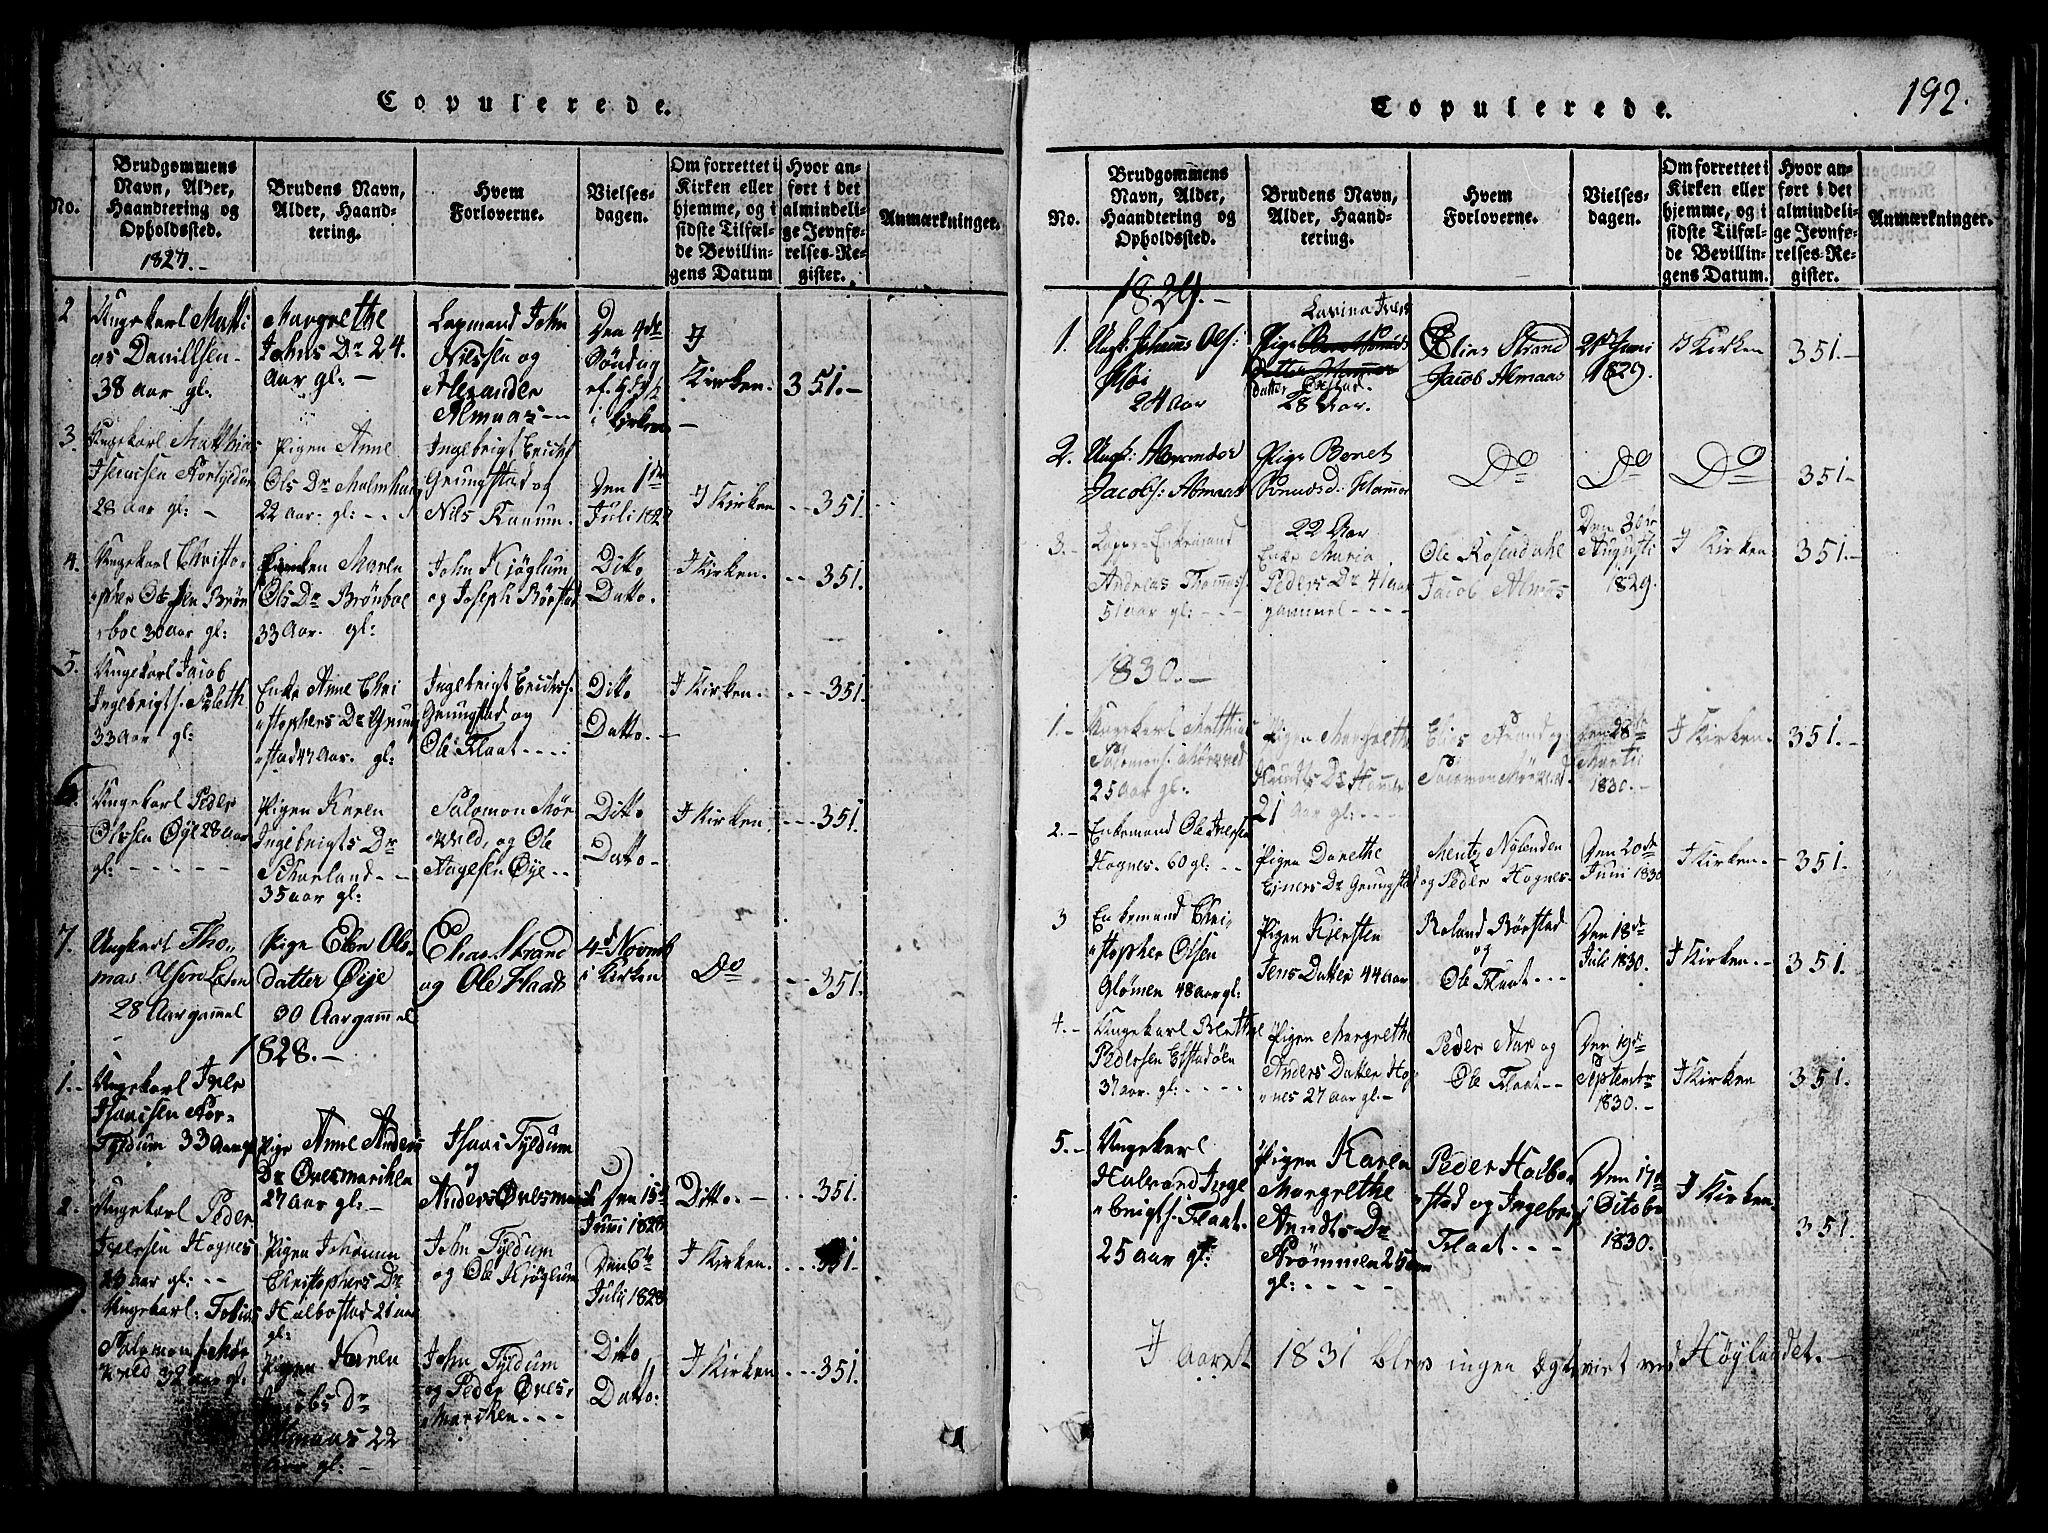 SAT, Ministerialprotokoller, klokkerbøker og fødselsregistre - Nord-Trøndelag, 765/L0562: Klokkerbok nr. 765C01, 1817-1851, s. 192